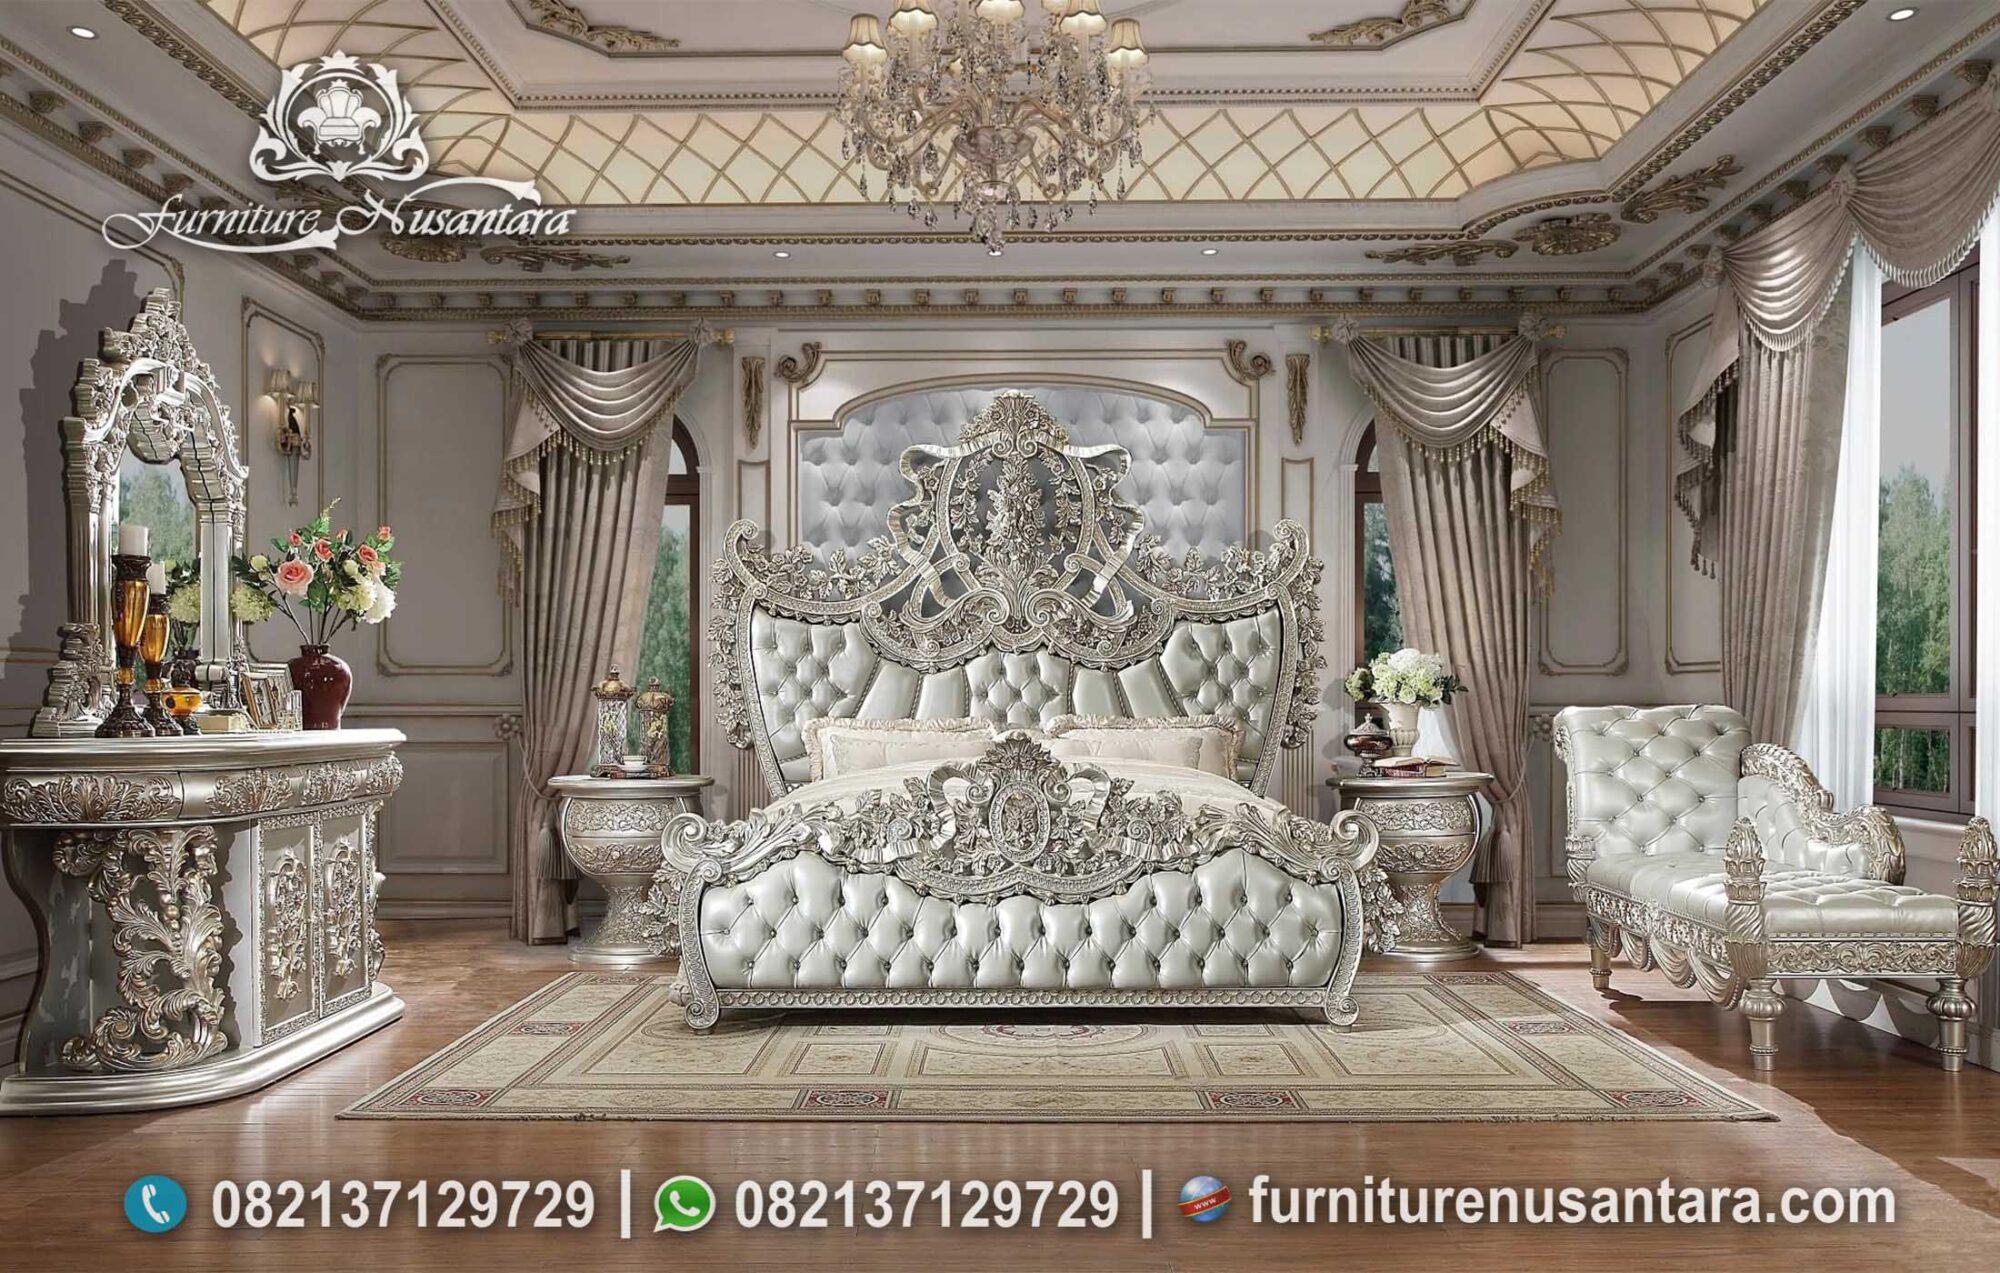 Tempat Tidur Klasik Metallic Silver Ukir Mewah KS-181, Furniture Nusantara